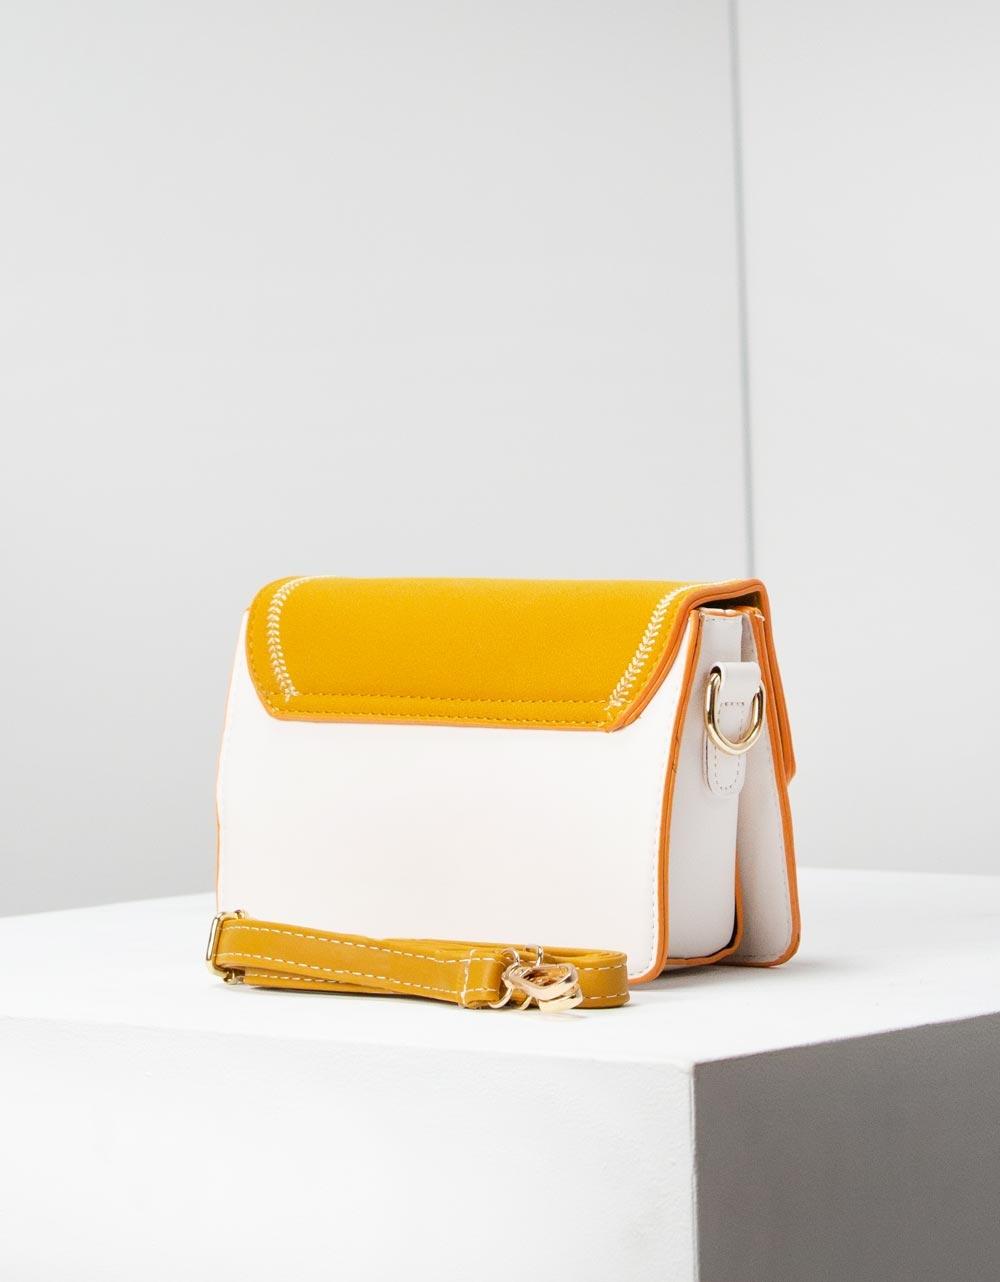 Εικόνα από Γυναικείες τσάντες ώμου με διακοσμητικές ραφές Κίτρινο